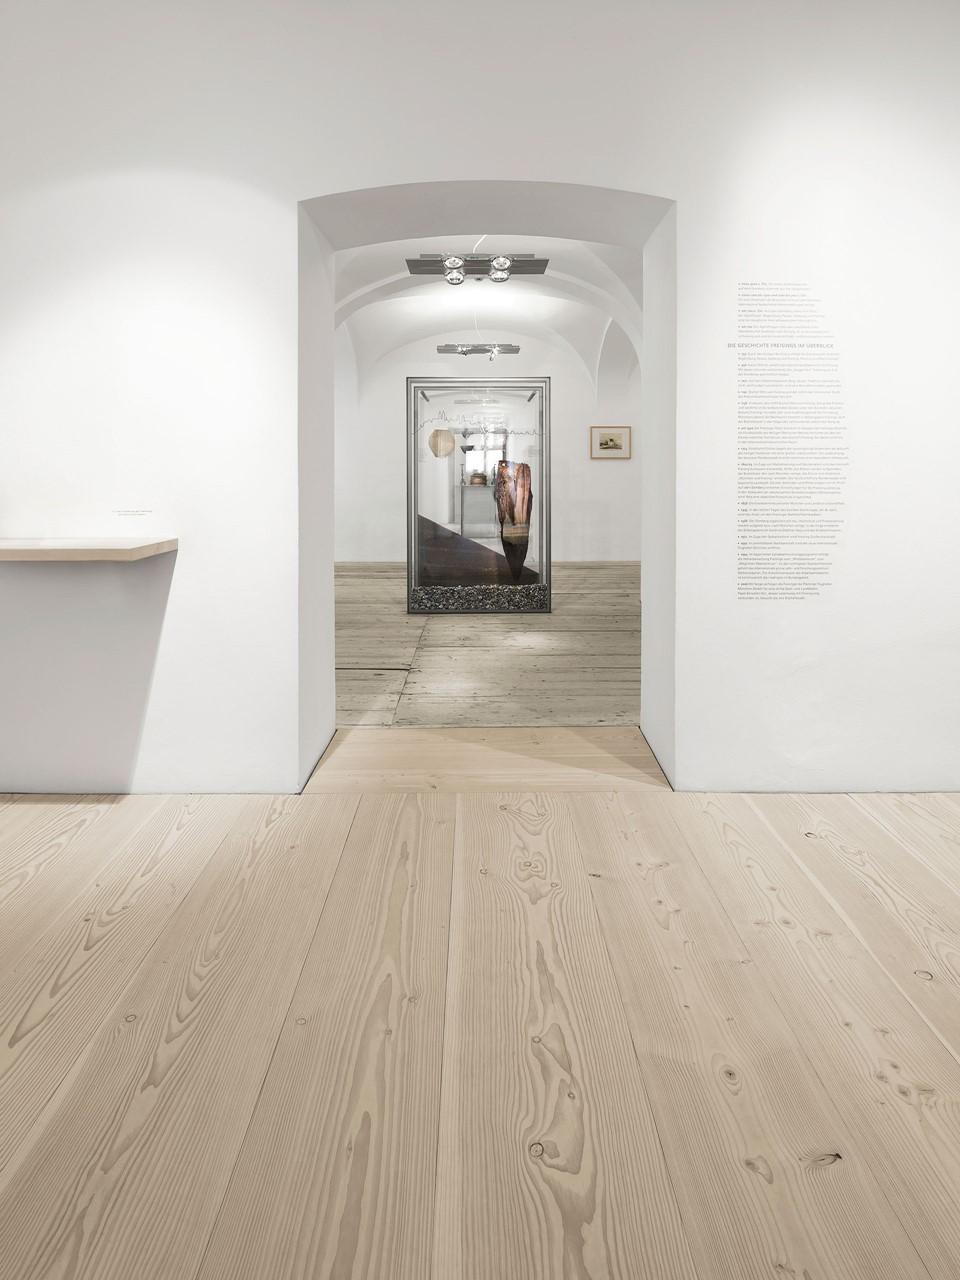 douglas-flooring_lye-natural-soap_stadtmuseum-freising_dinesen.jpg